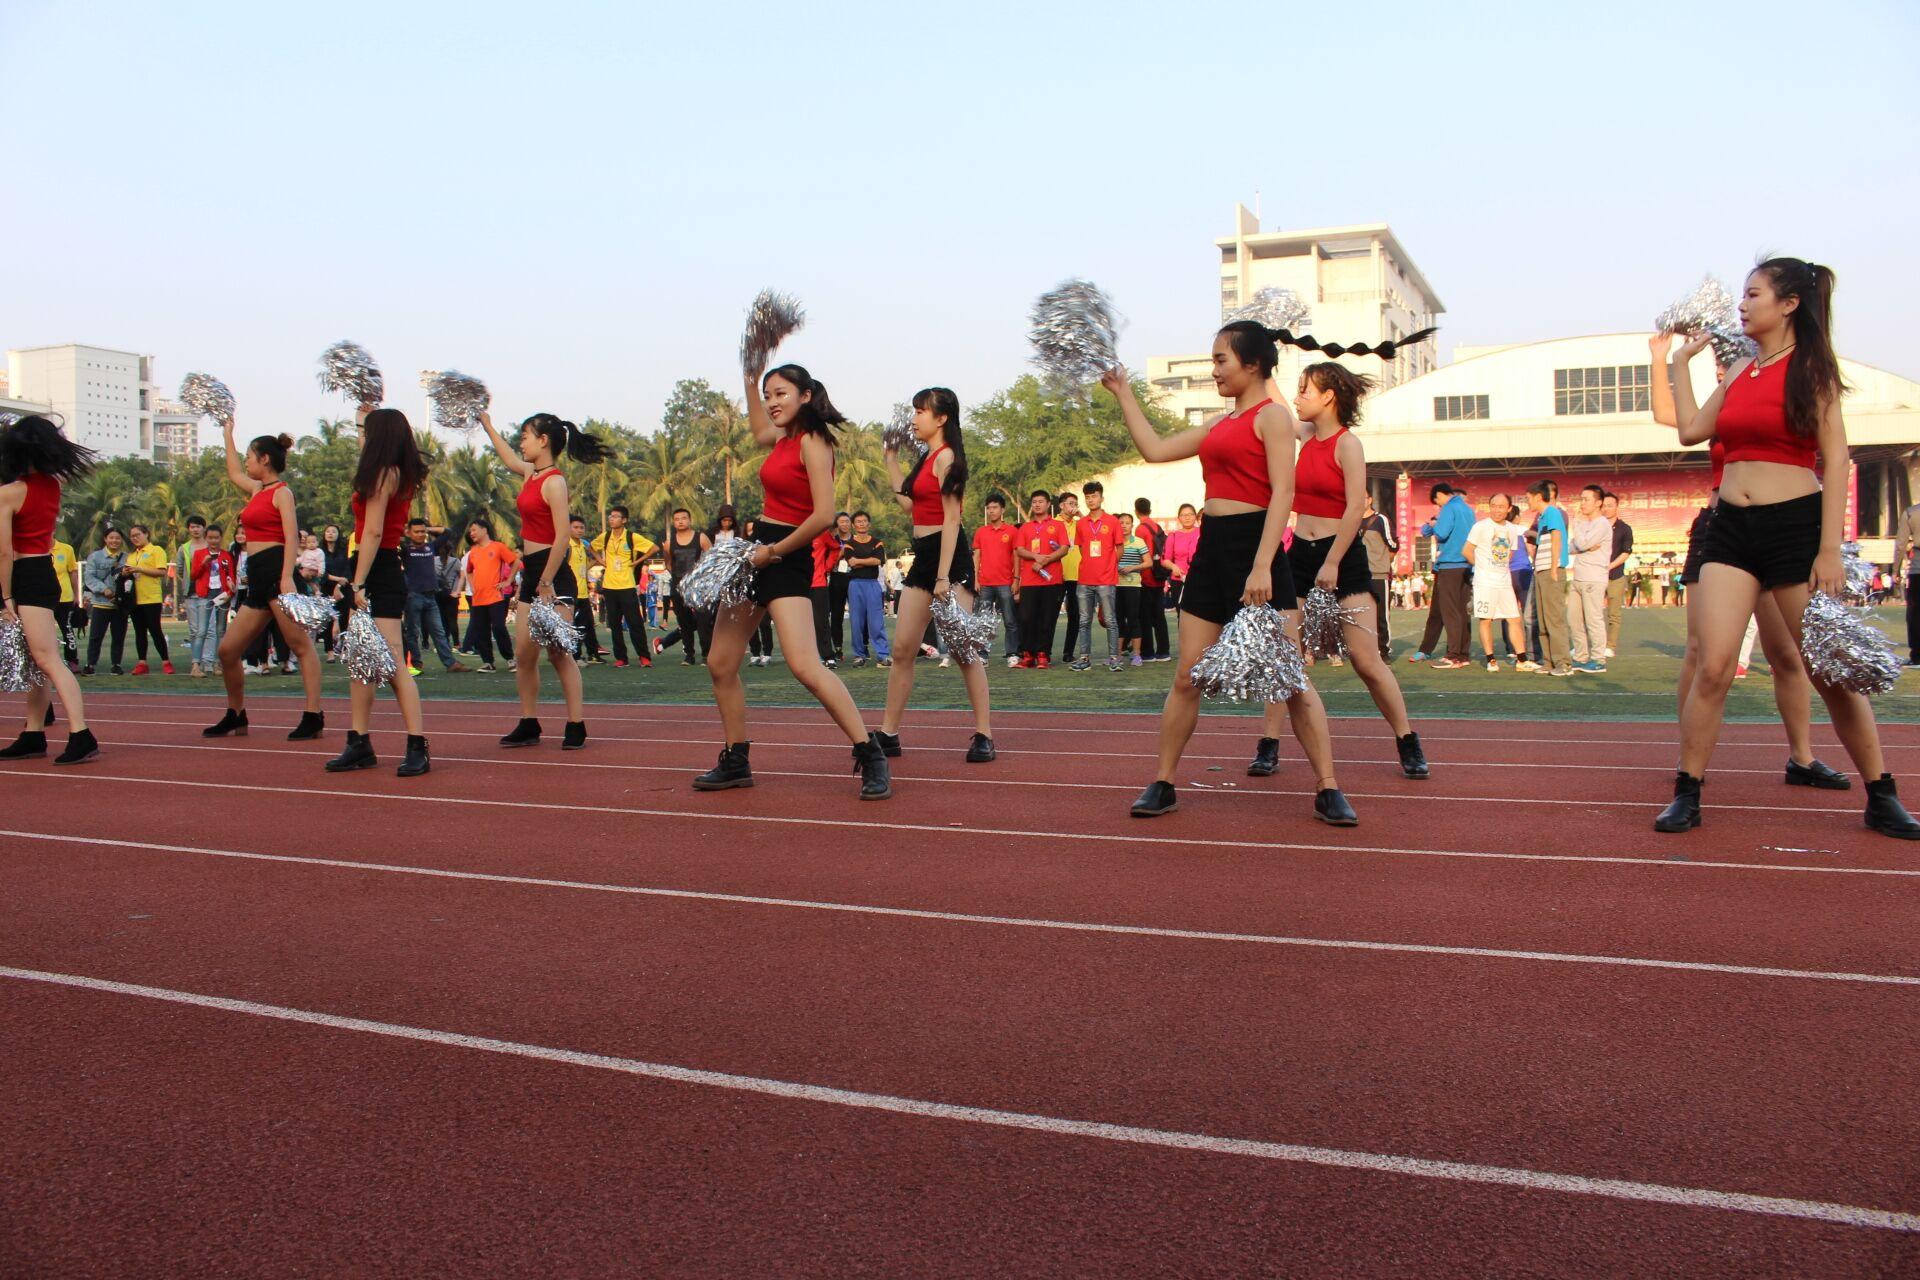 青年之声·齐心协力创佳绩,势如破竹夺第三——记海南师范大学第三十三届运动会